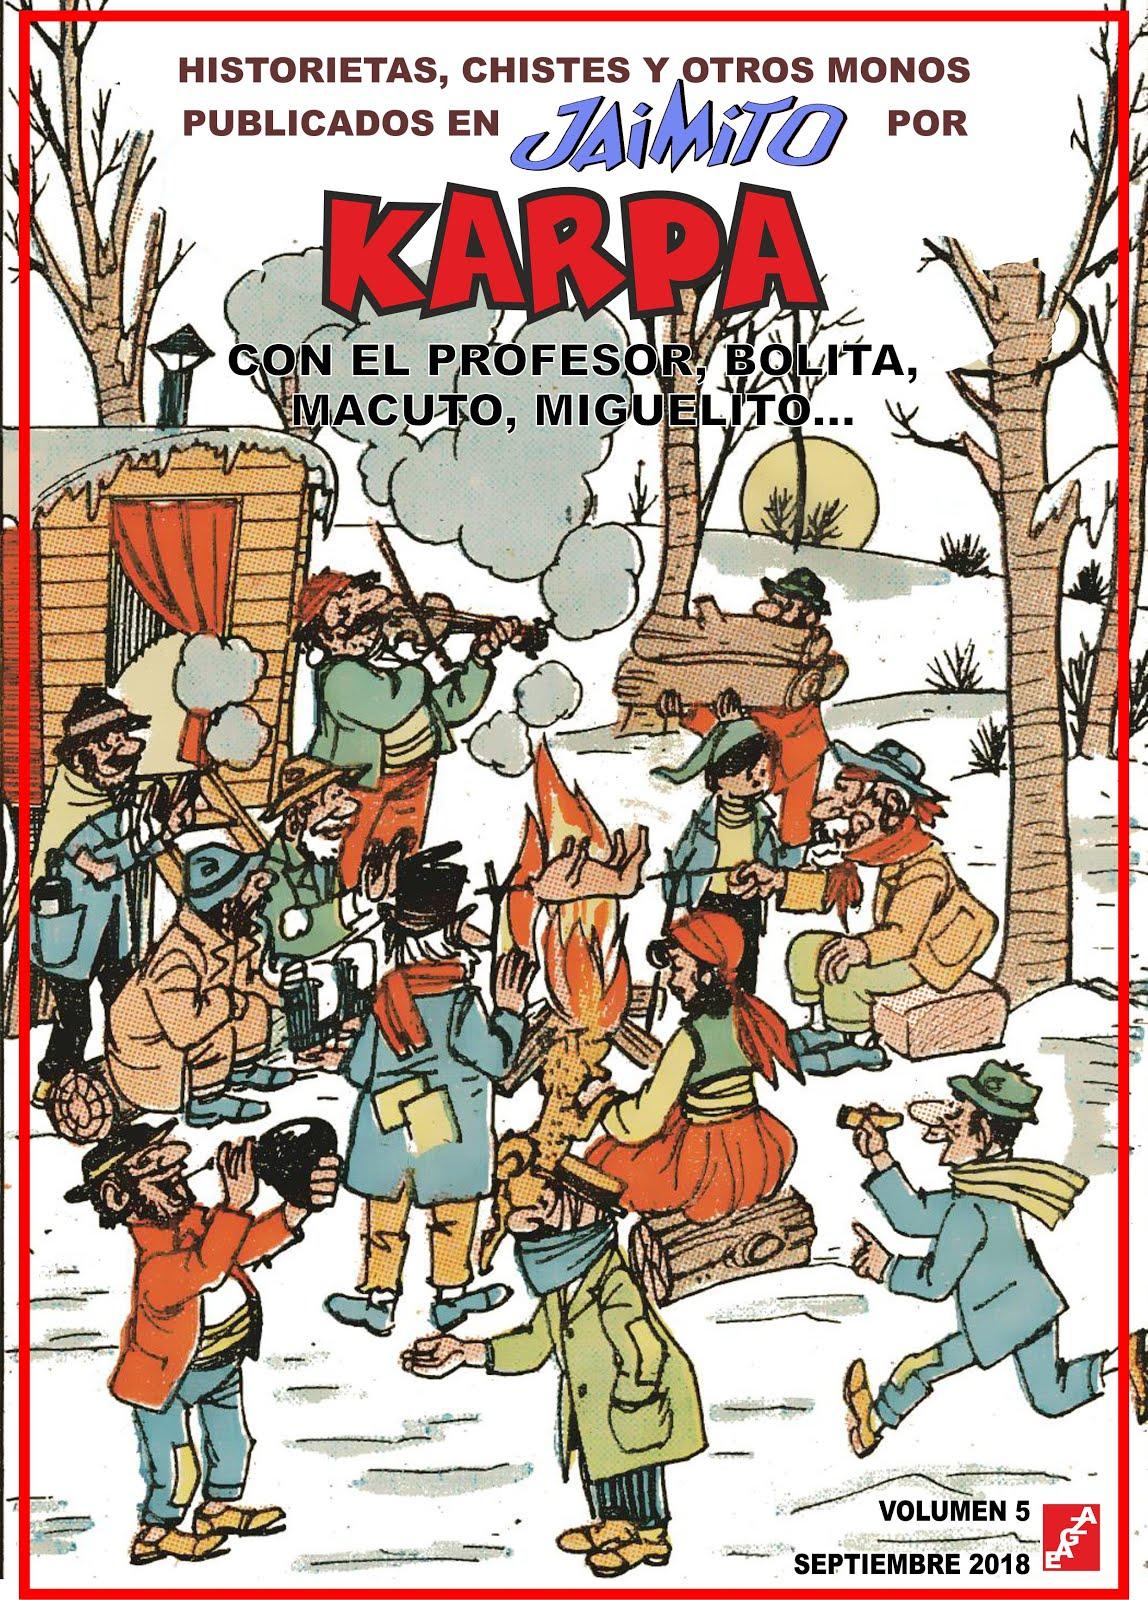 Karpa en Jaimito- 01 - 05 - EAGZA